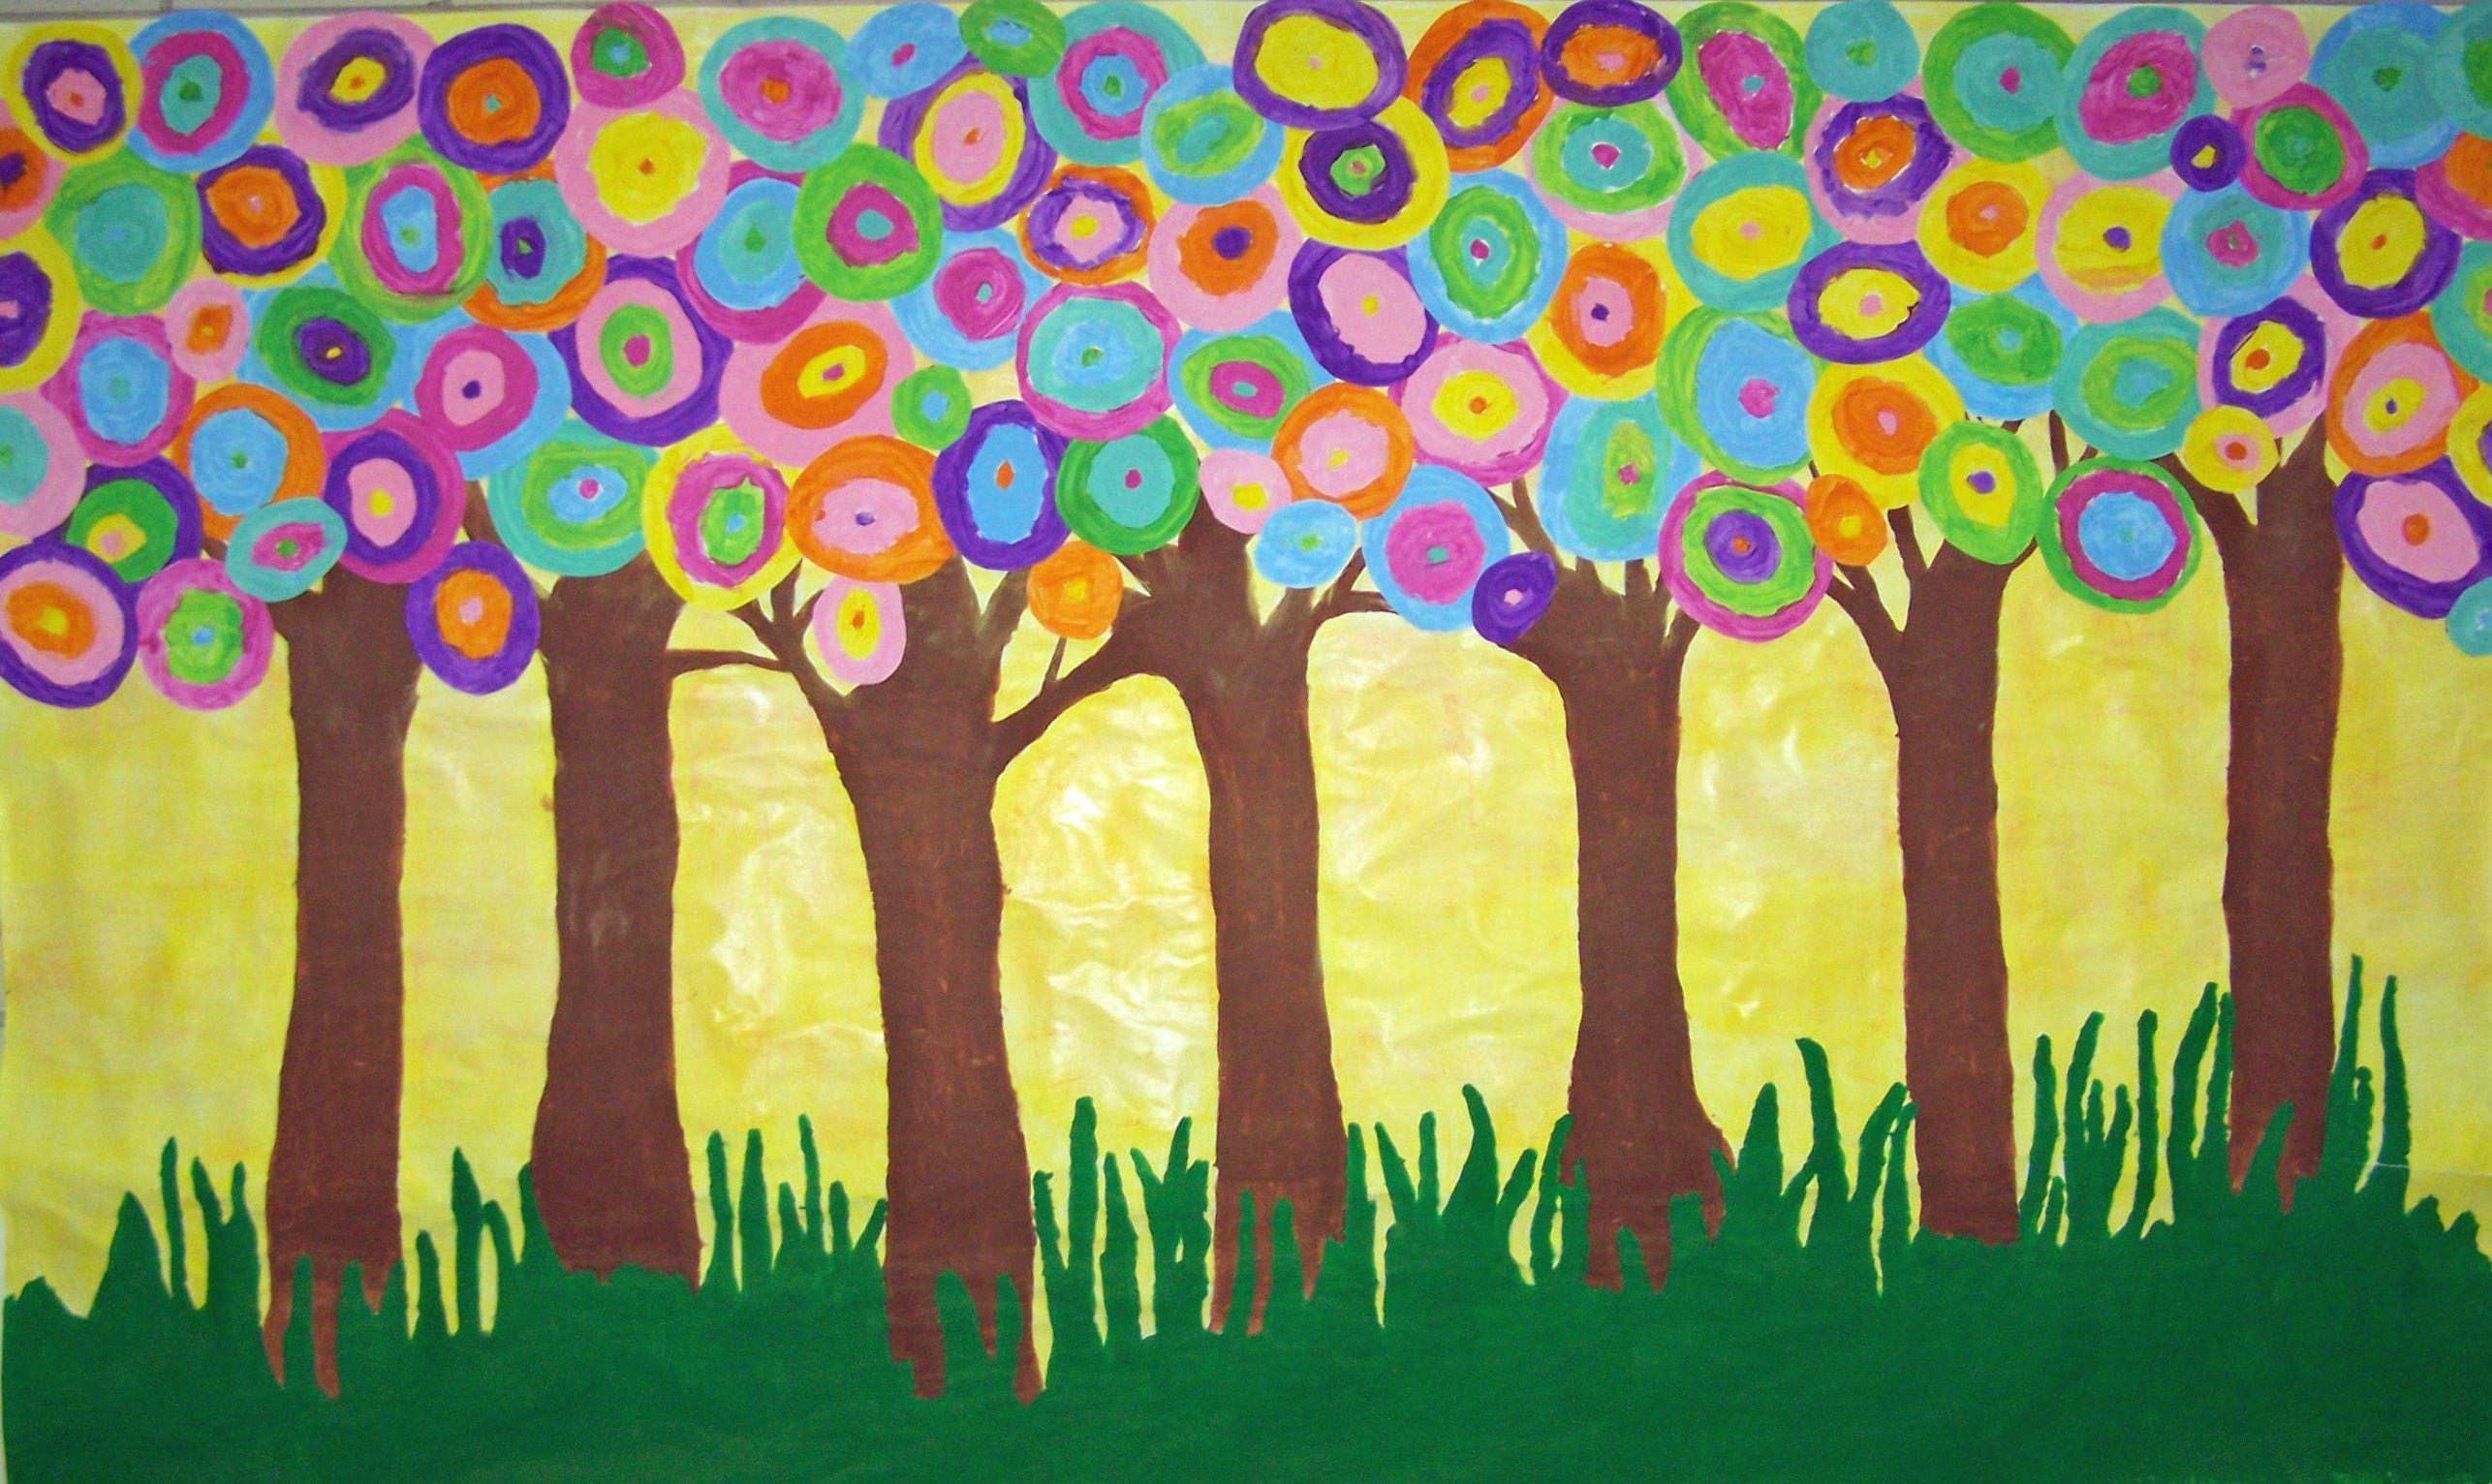 Lollipop Trees Kindergarten Classroom Mural Art Projects